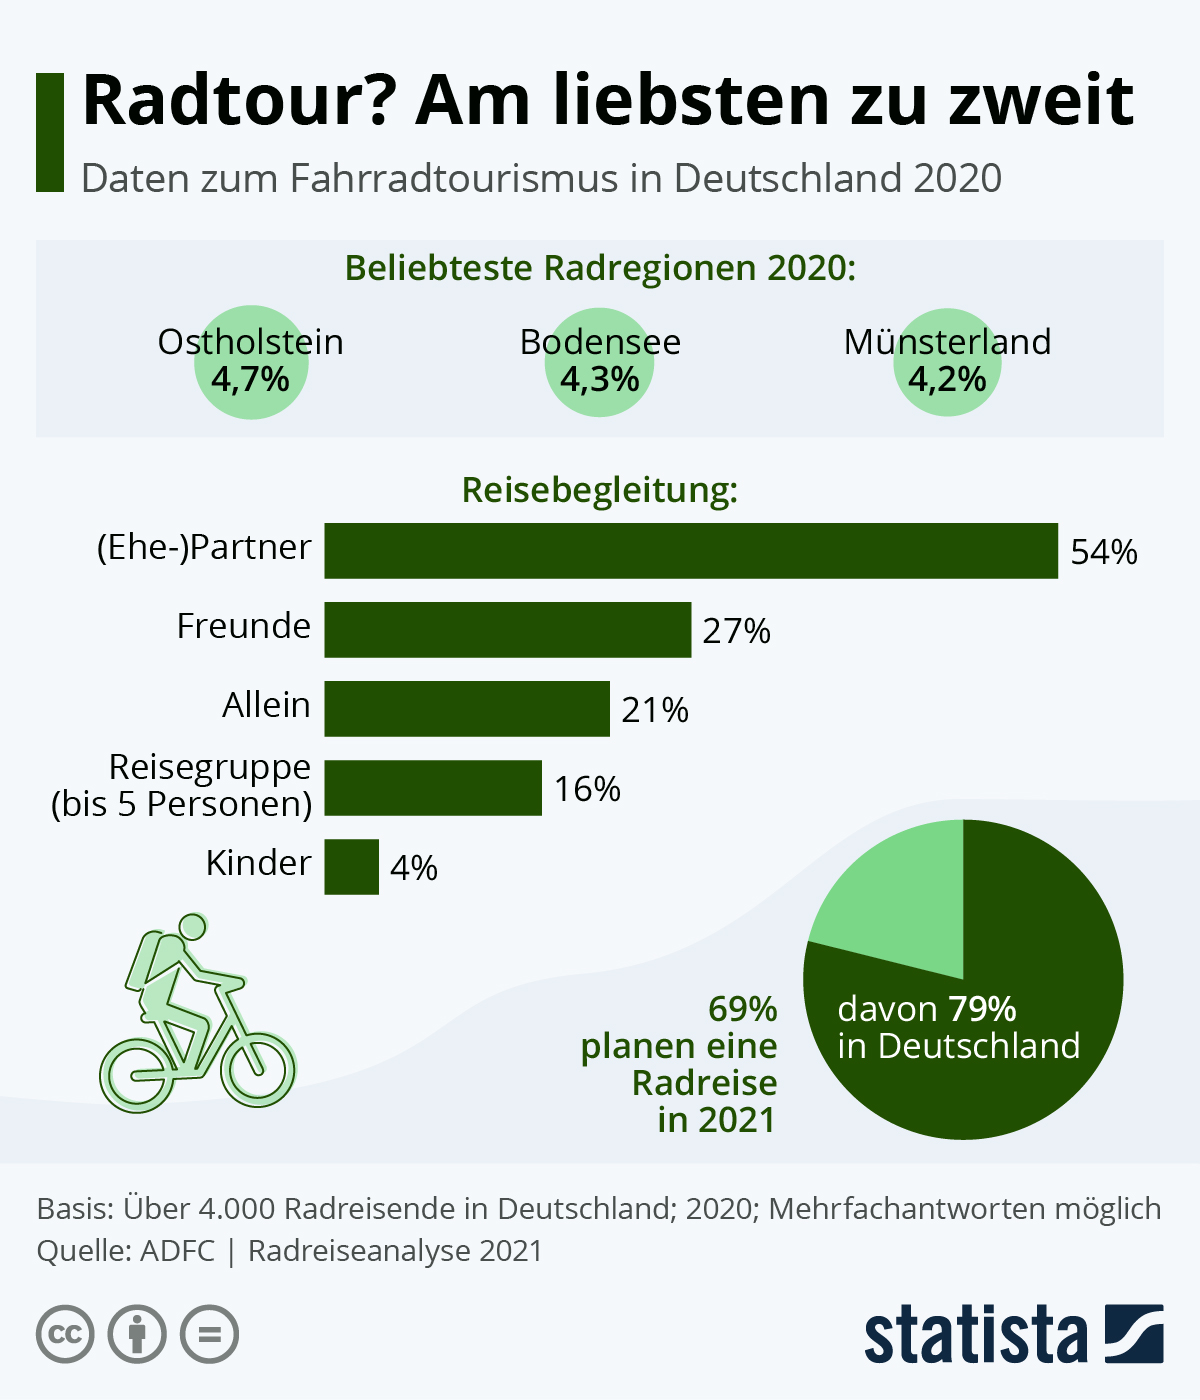 Infografik: Radtour? Am liebsten zu zweit | Statista